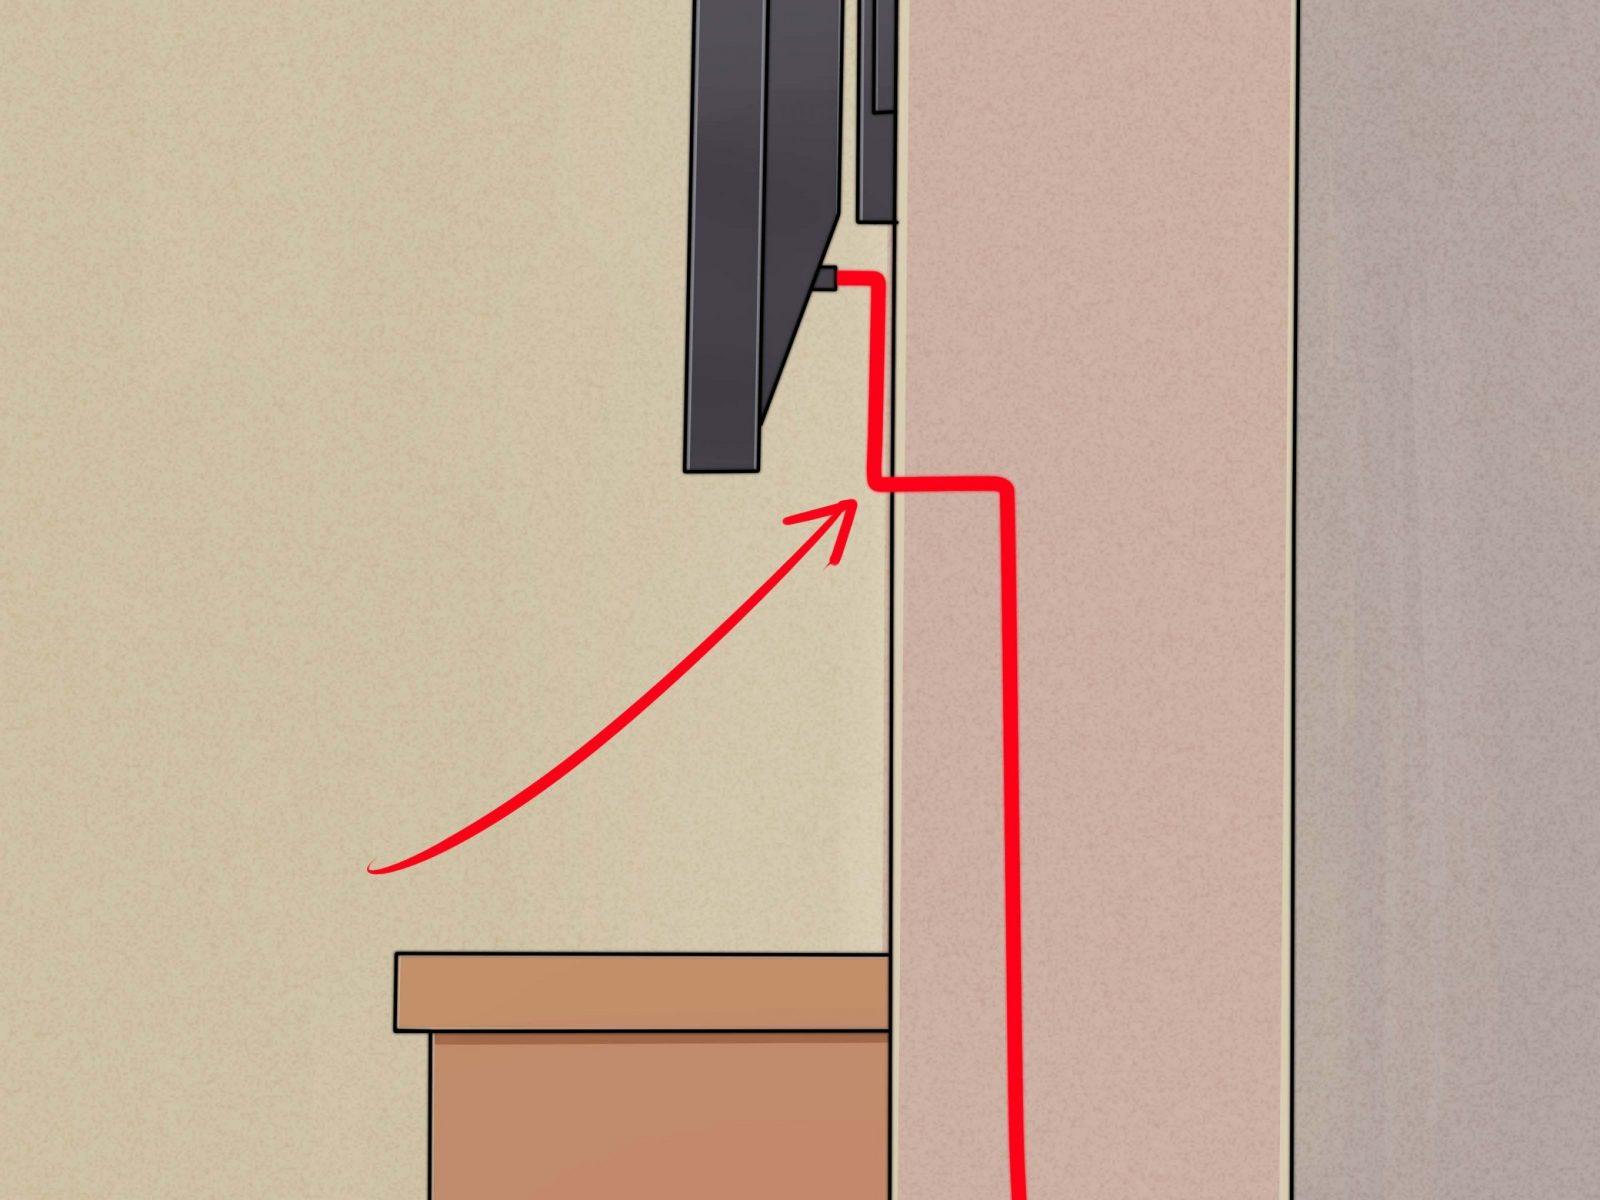 Einen Flachbildfernseher Ohne Sichtbare Kabel An Die Wand Montieren von Tv An Wand Kabel Verstecken Photo